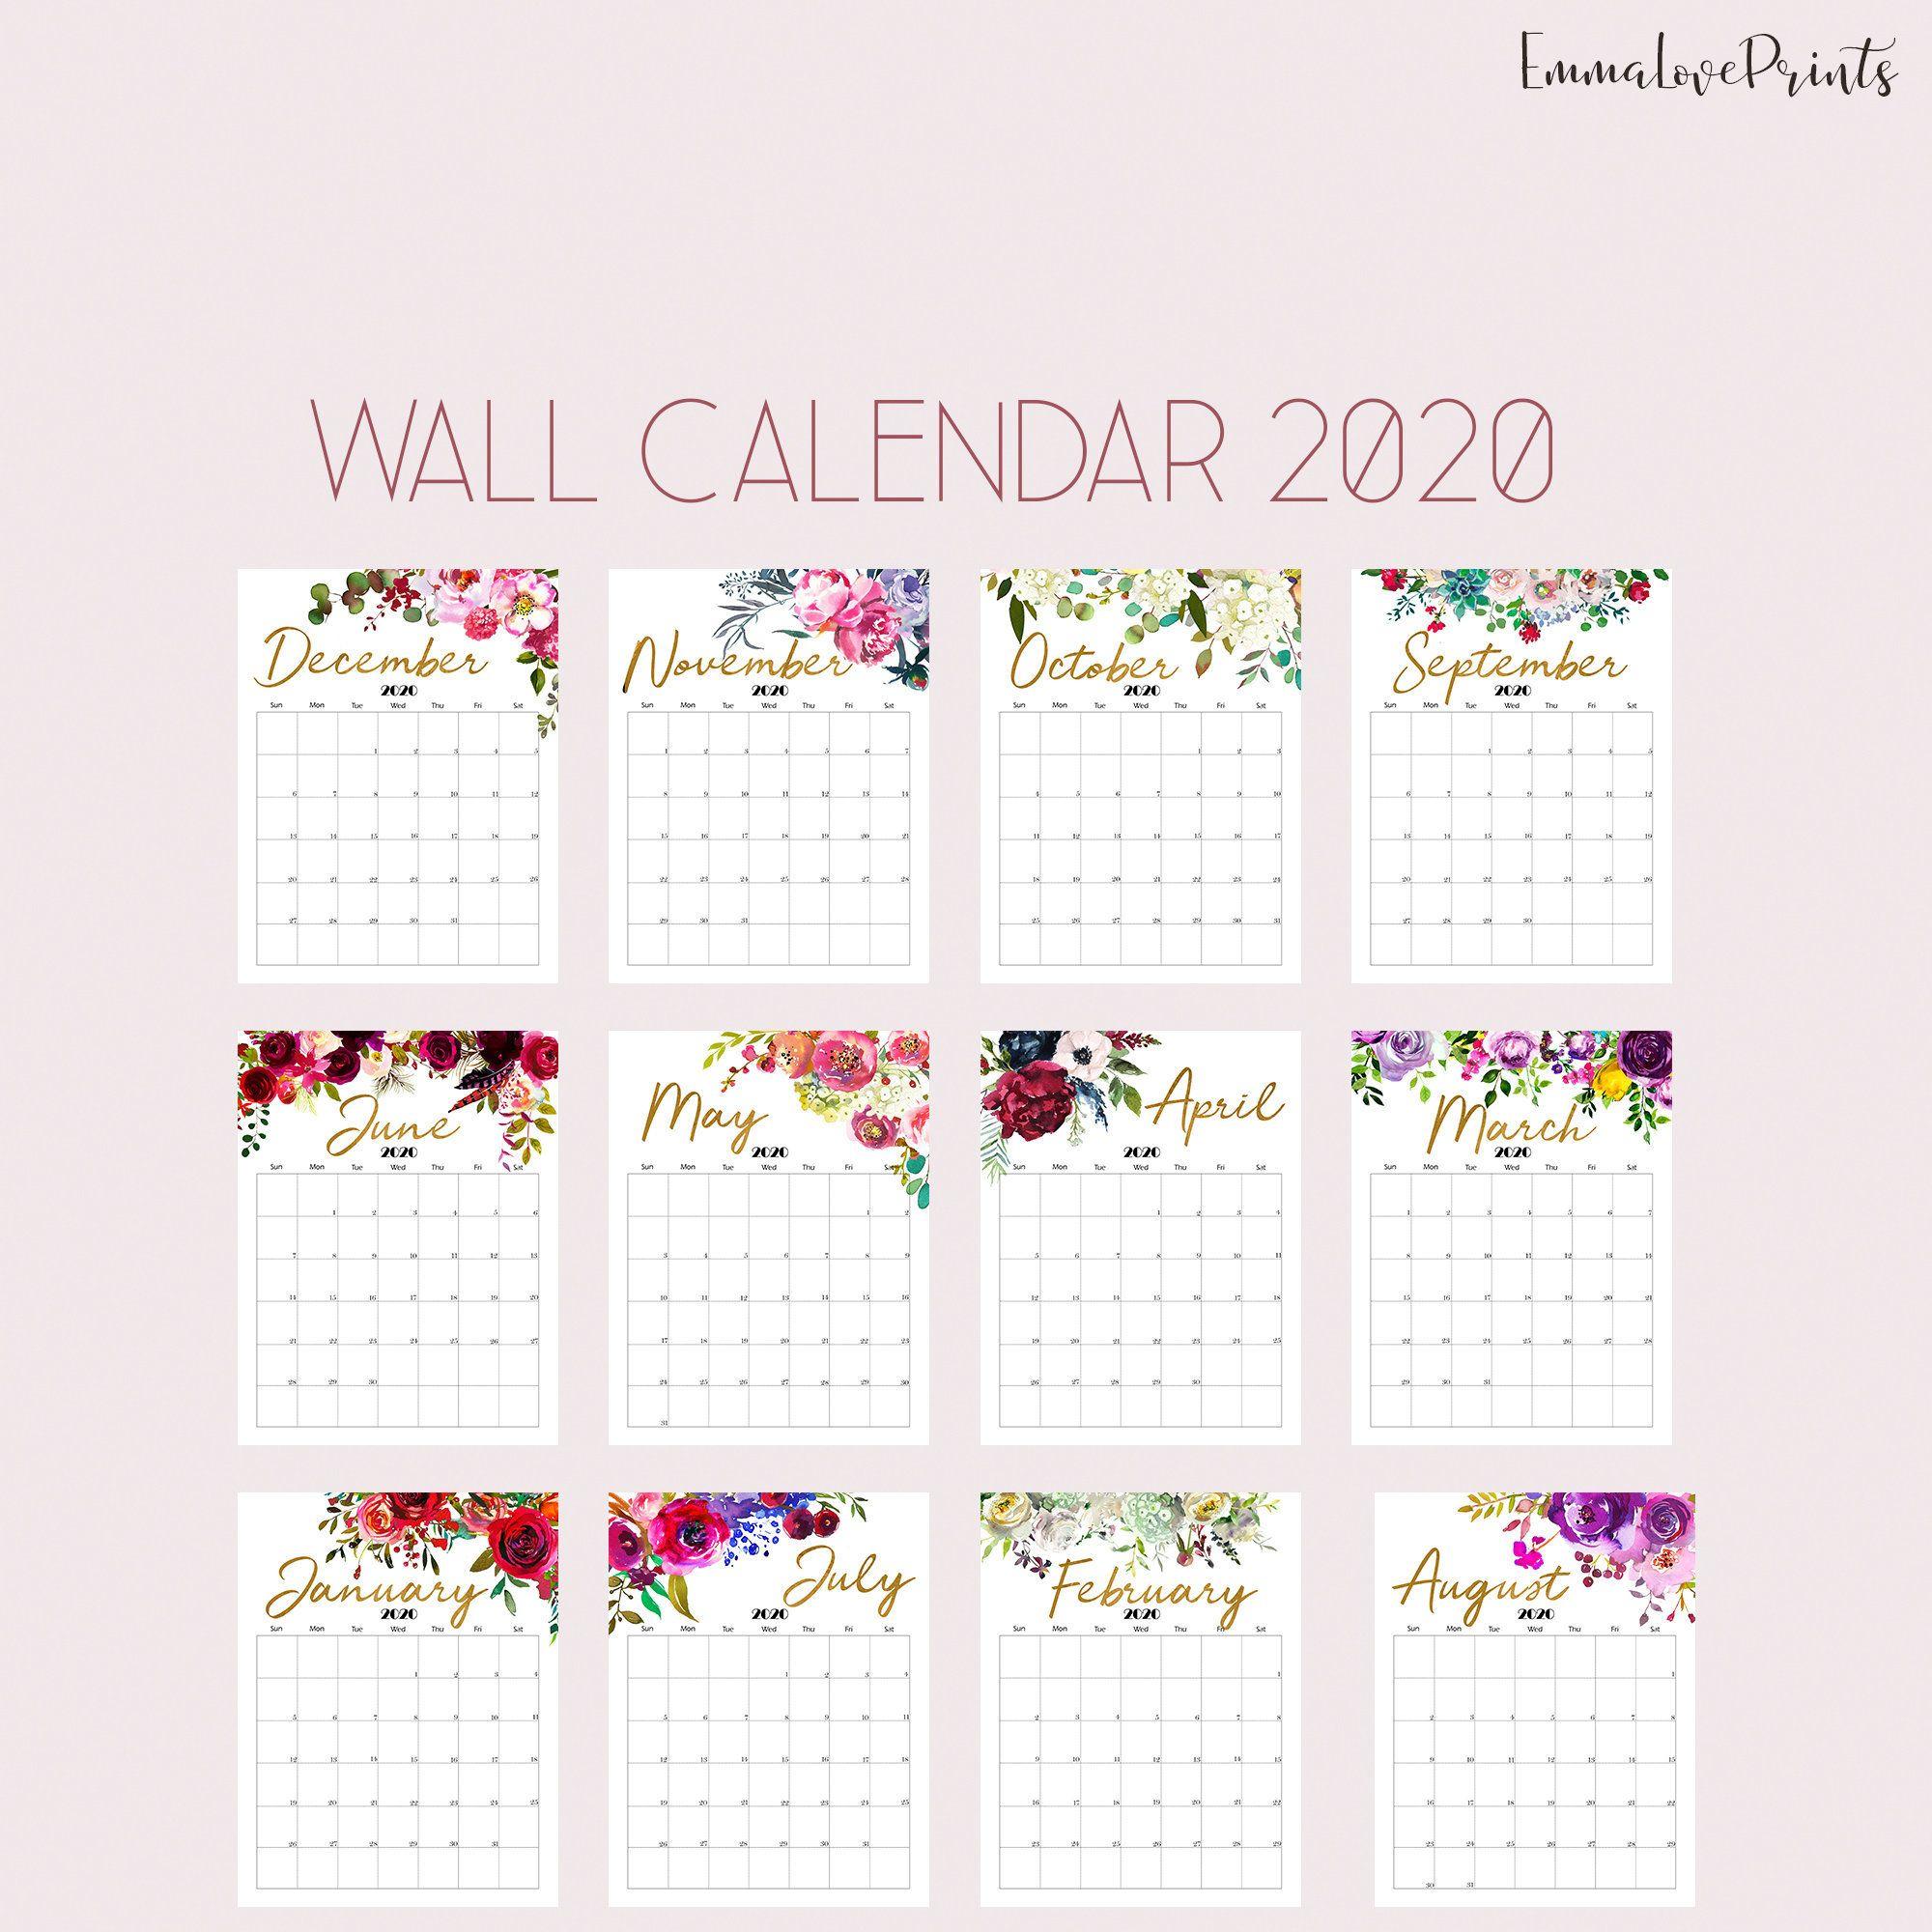 Printable Calendar 2020 Wall Calendar 2020 Desk Calendar, Floral with Printable Calendar2020 Monday To Sunday